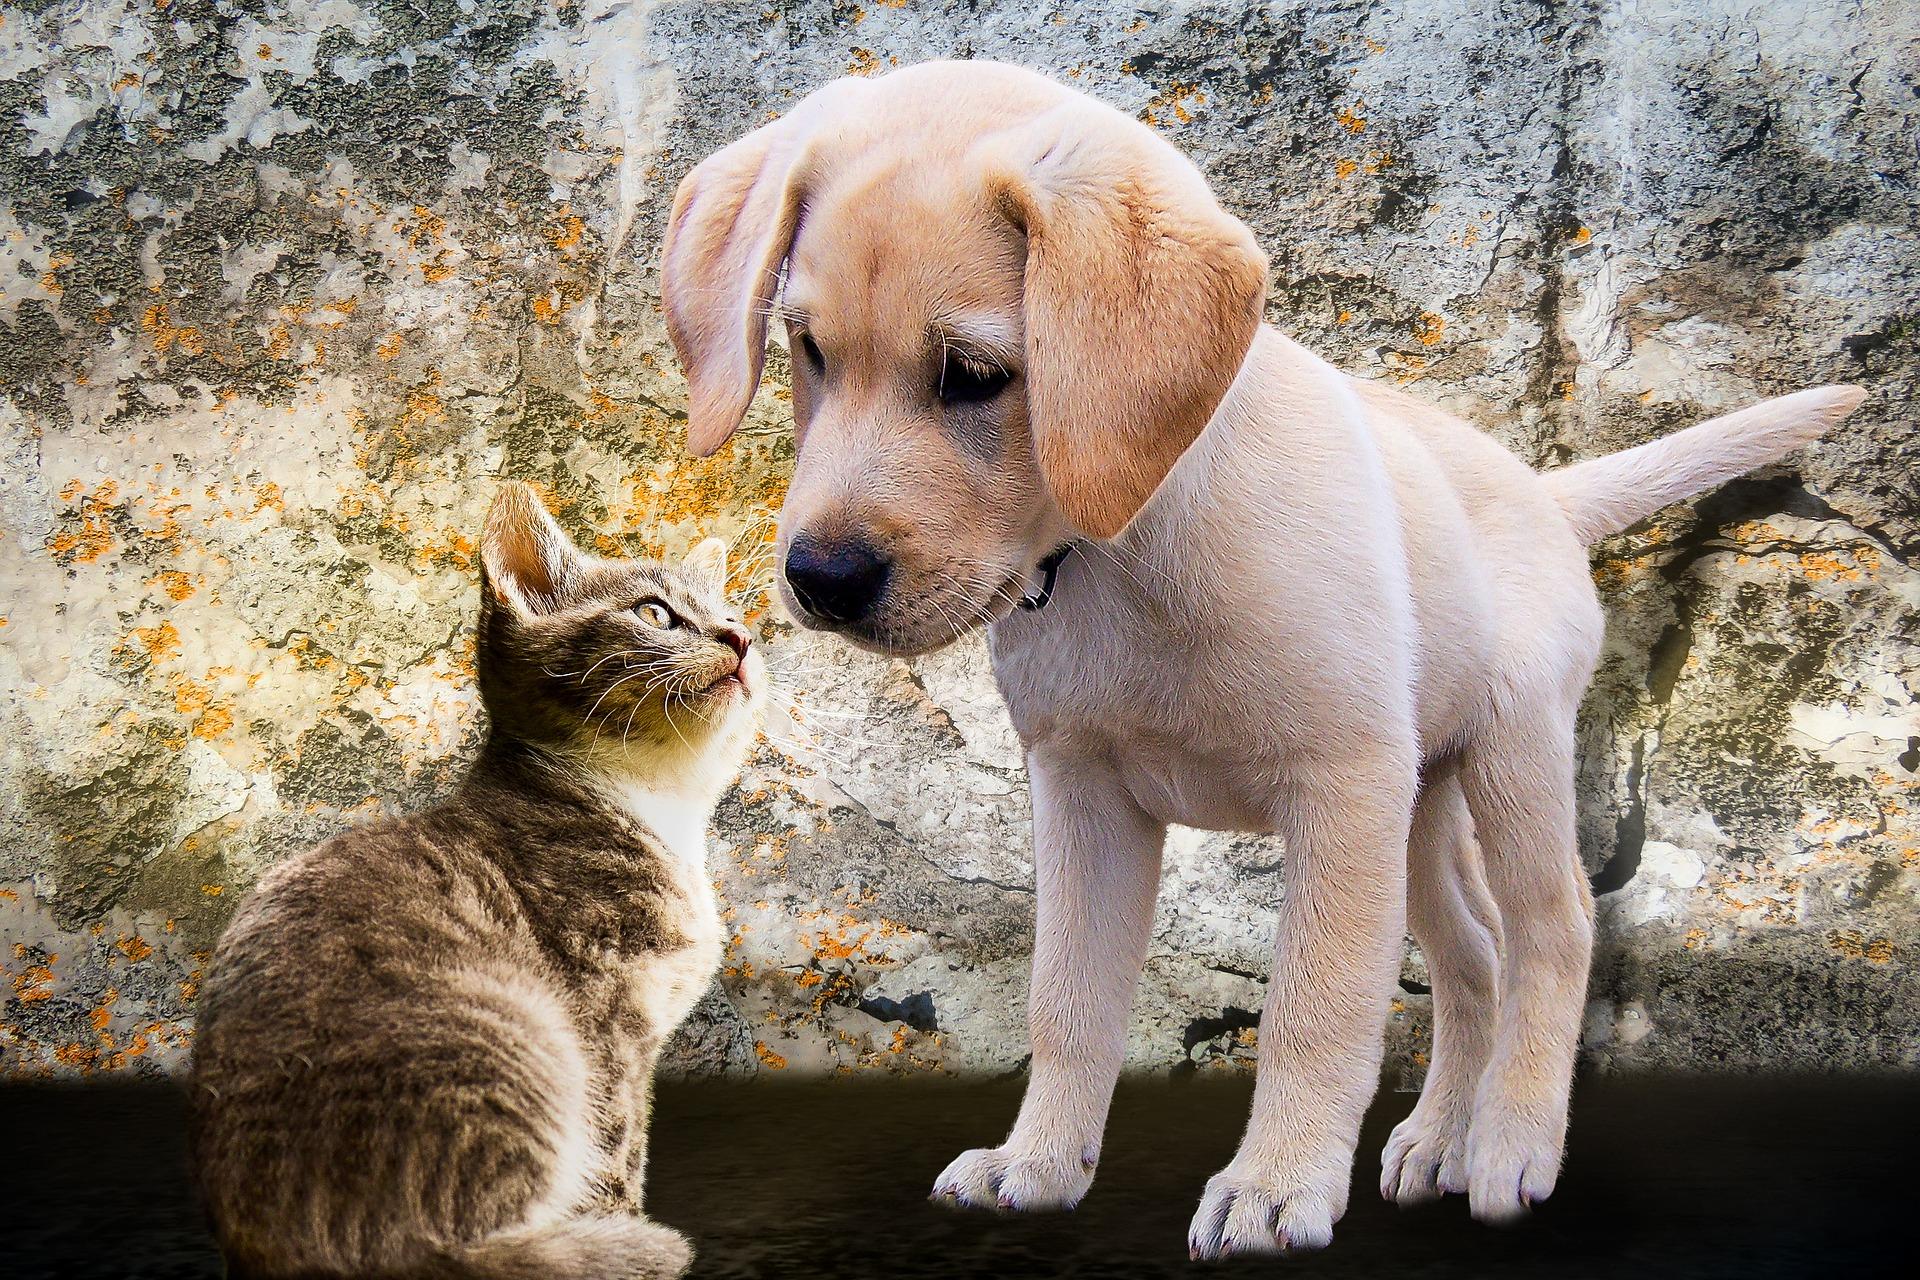 abbastanza Cosa devono mangiare cani e gatti d'estate MU04